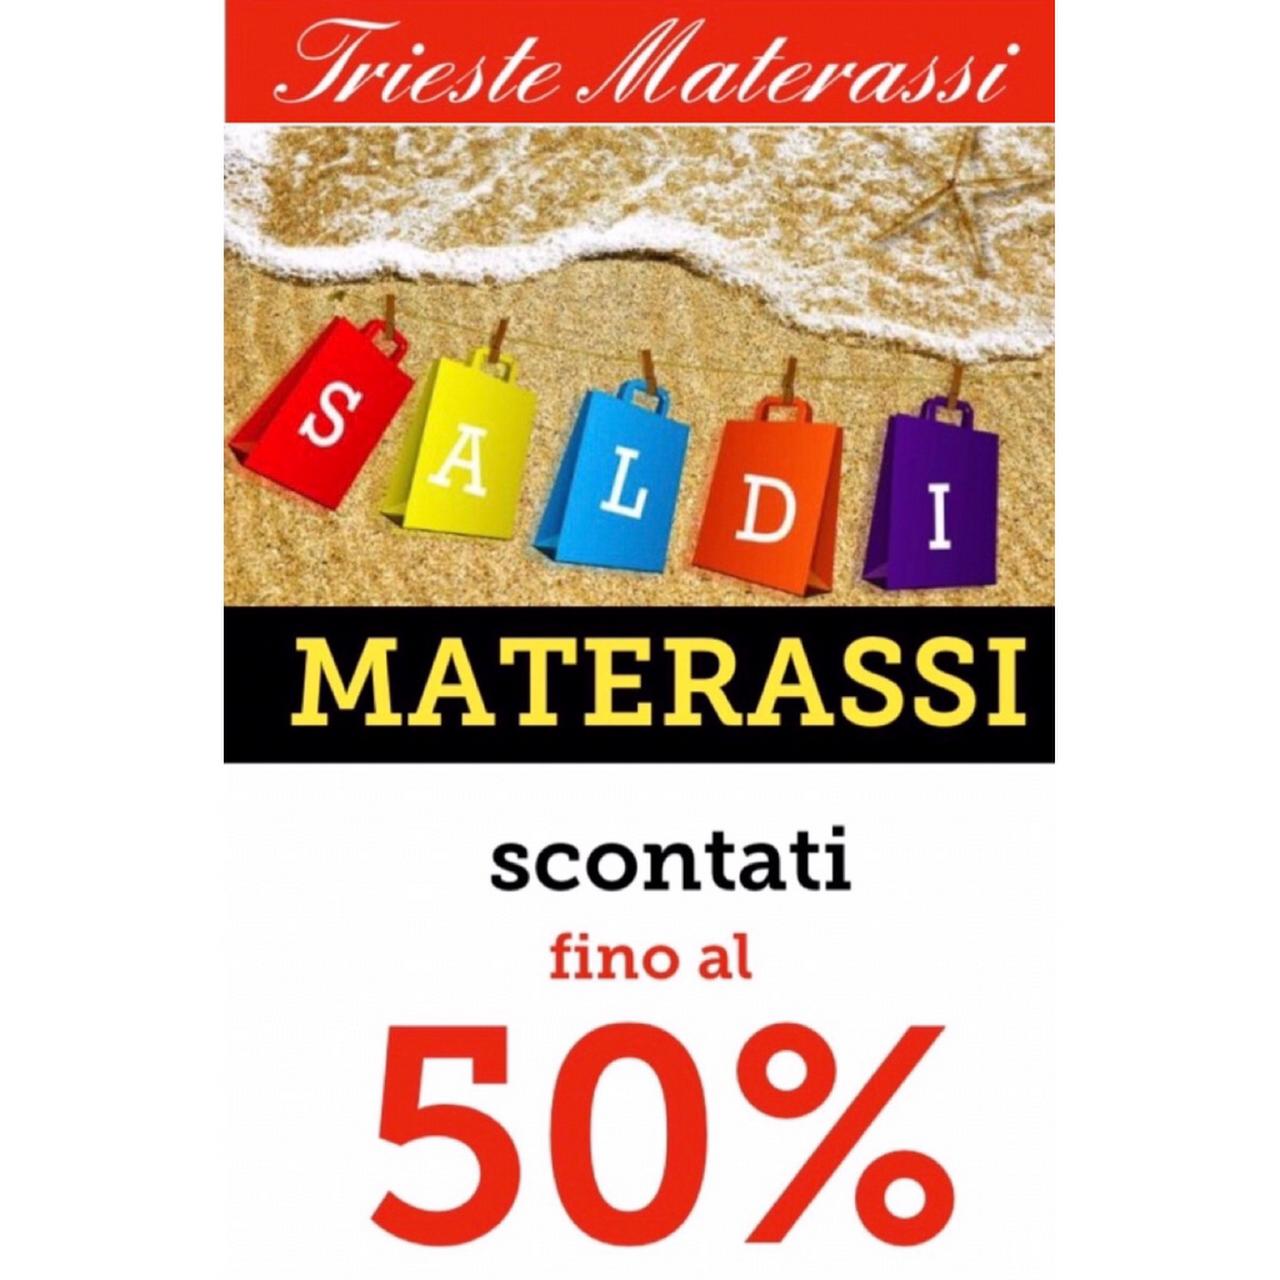 Casa Del Materasso Trieste.La Casa Del Materasso Trieste